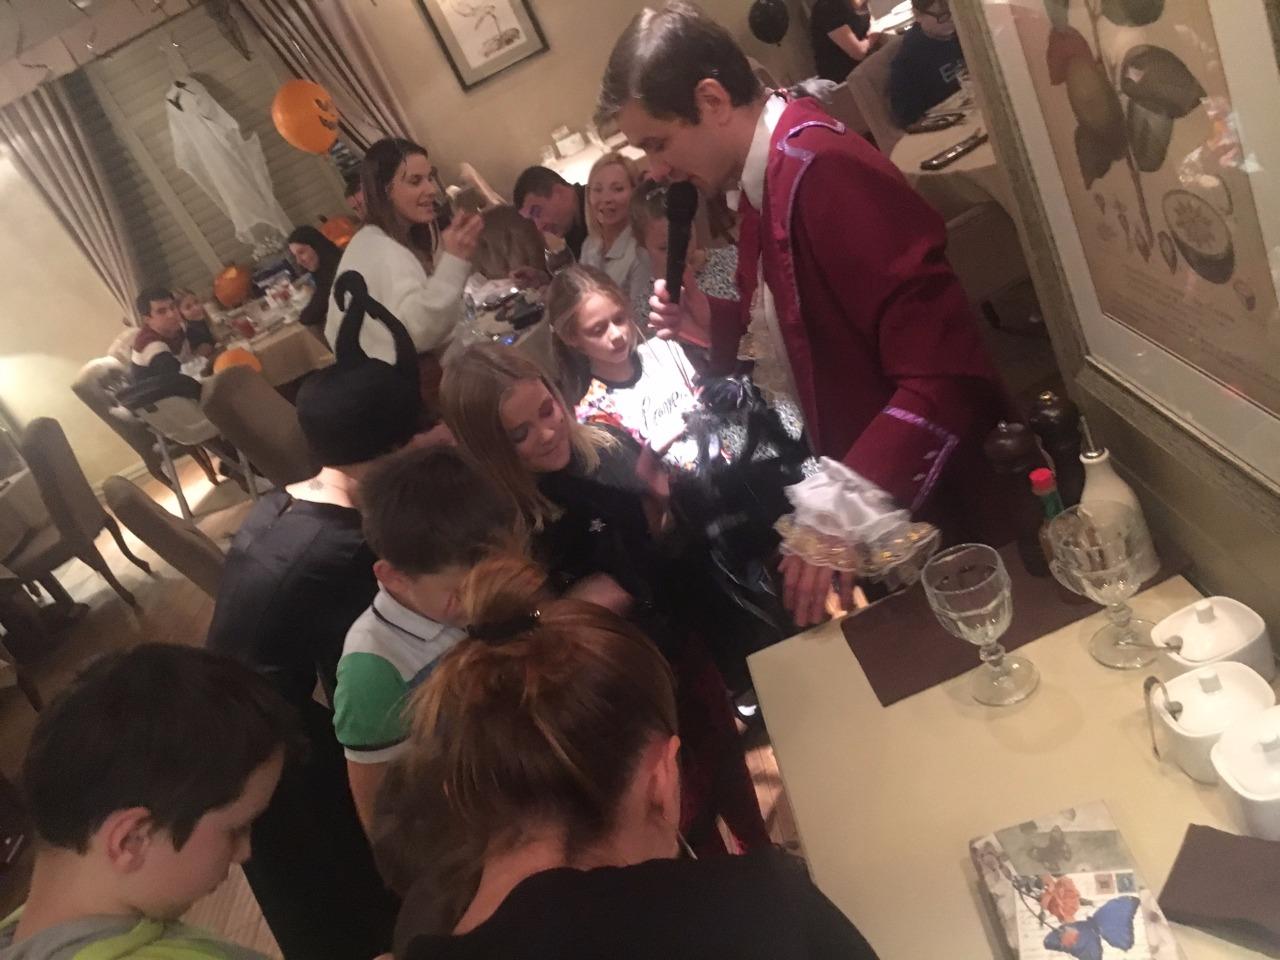 Отчет о праздновании Хэллоуина - 2016 в ресторане Тесто